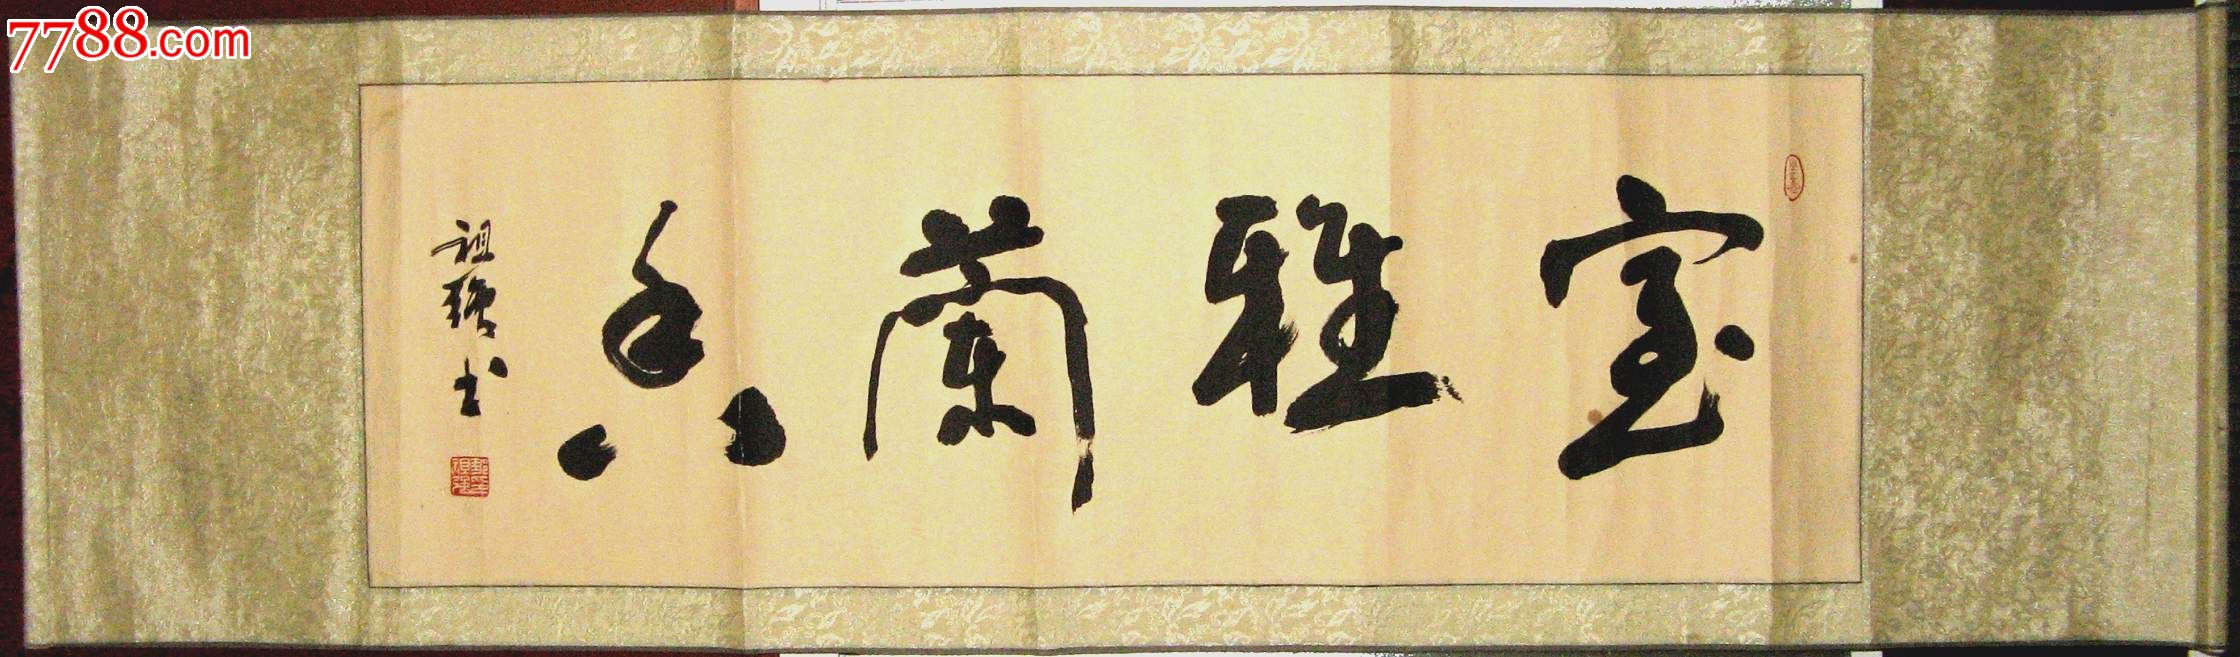 《室雅兰香》(已卷轴装裱)_价格68元_第1张_中国收藏热线